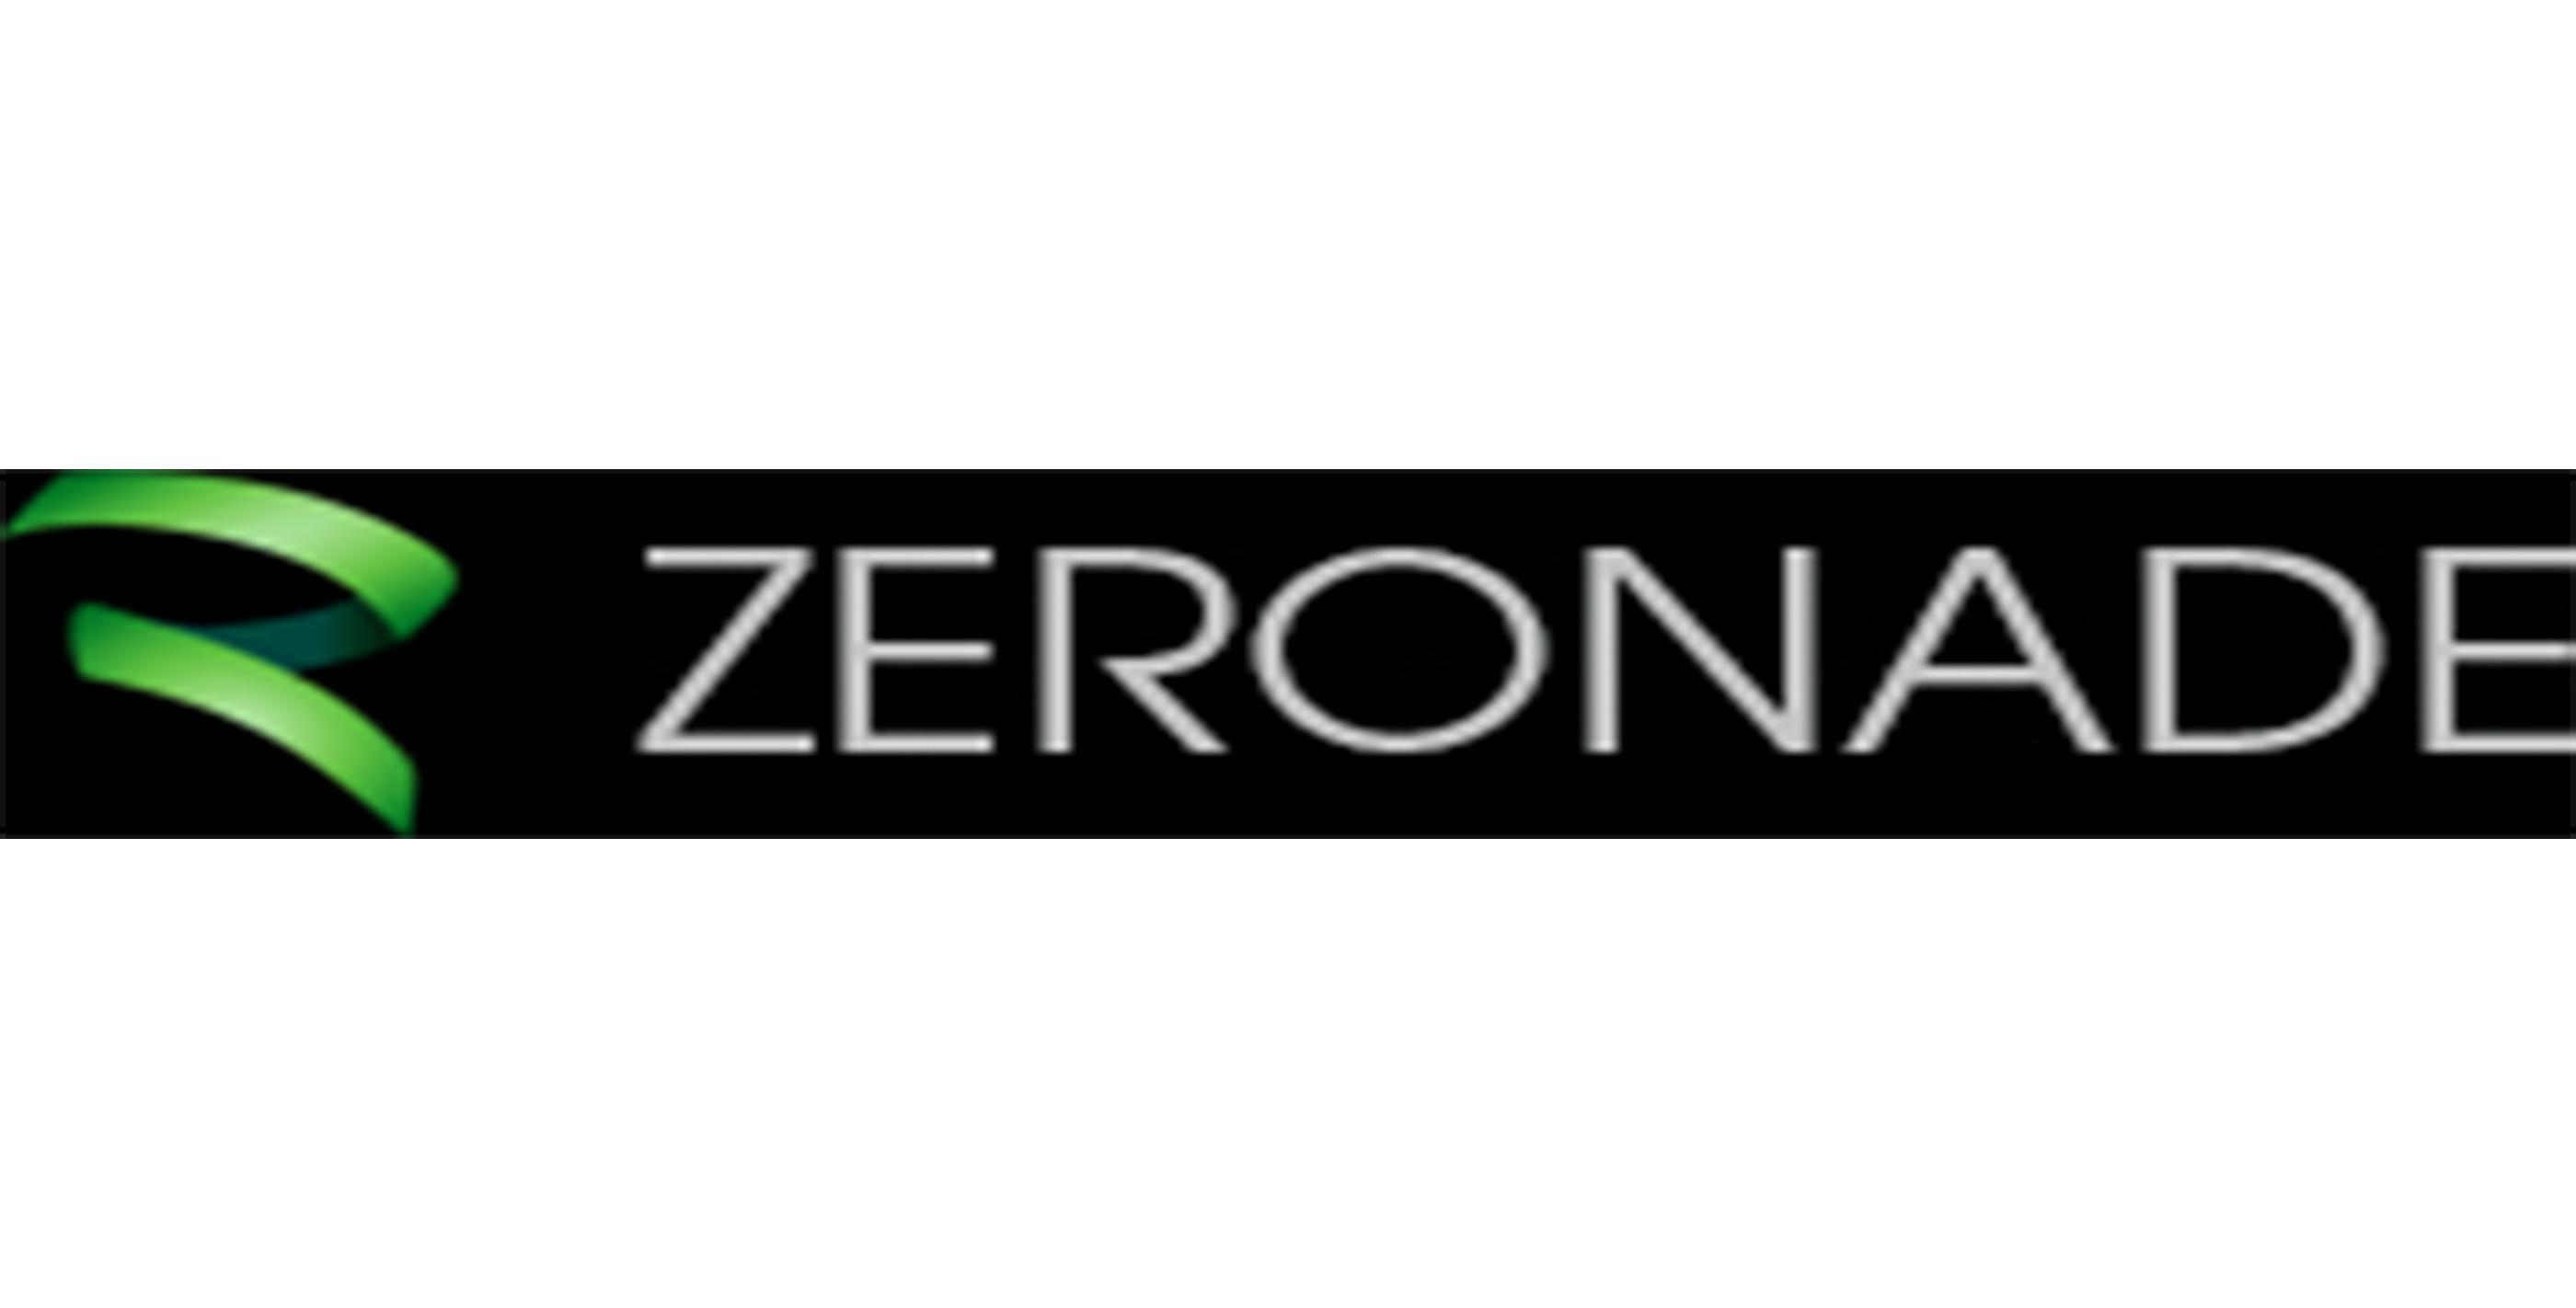 Zeronade